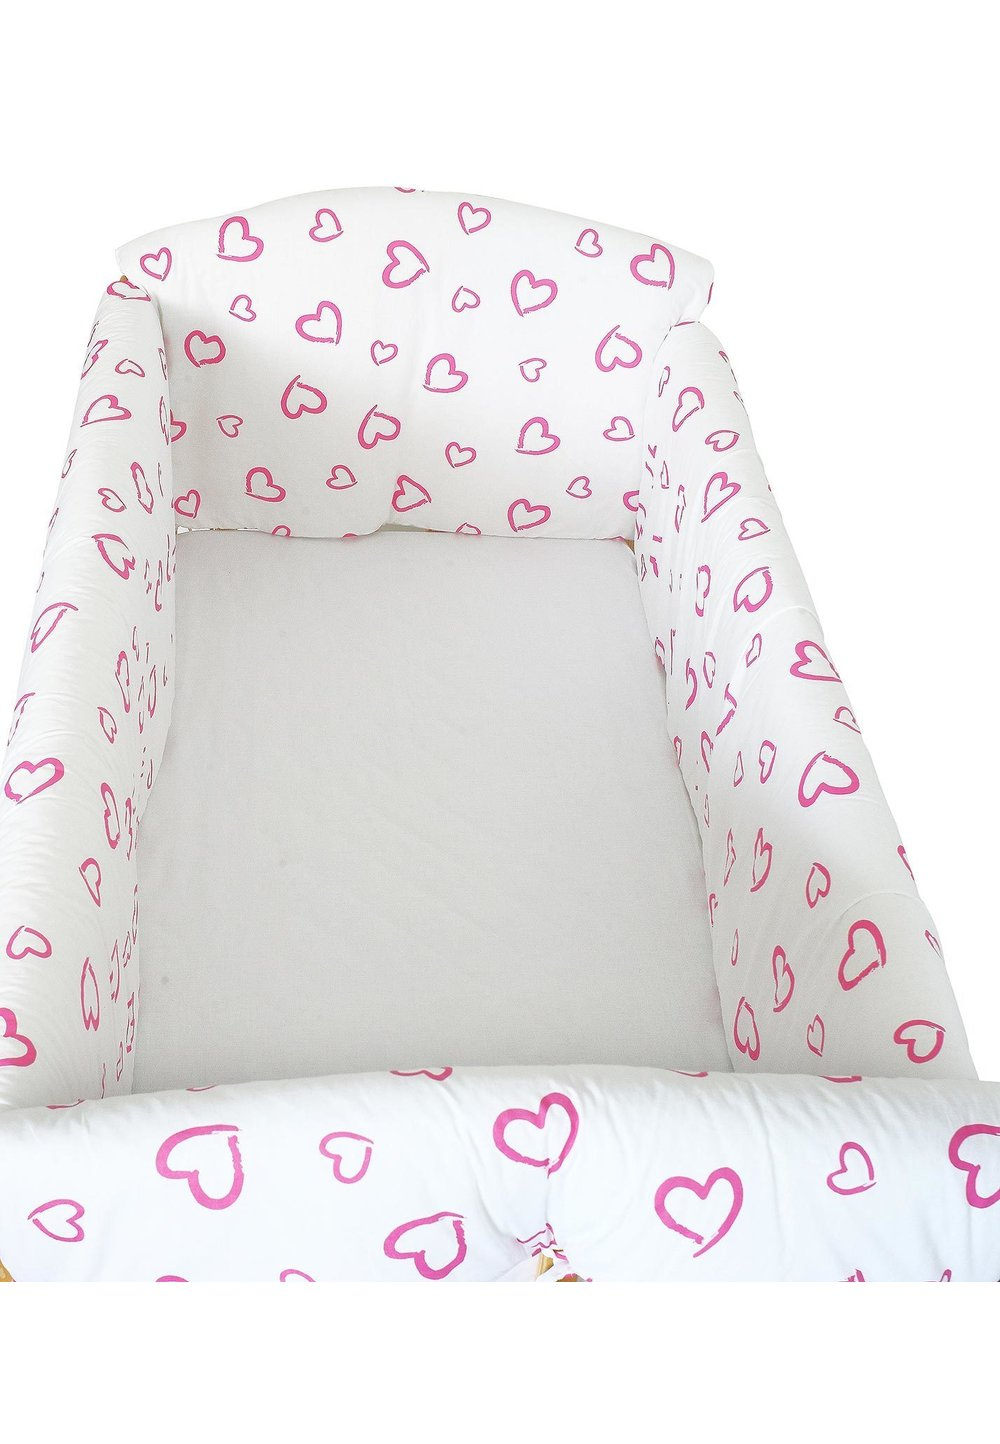 Lenjerie patut 7 piese, Maxi, inimioare roz, 120x60 cm imagine